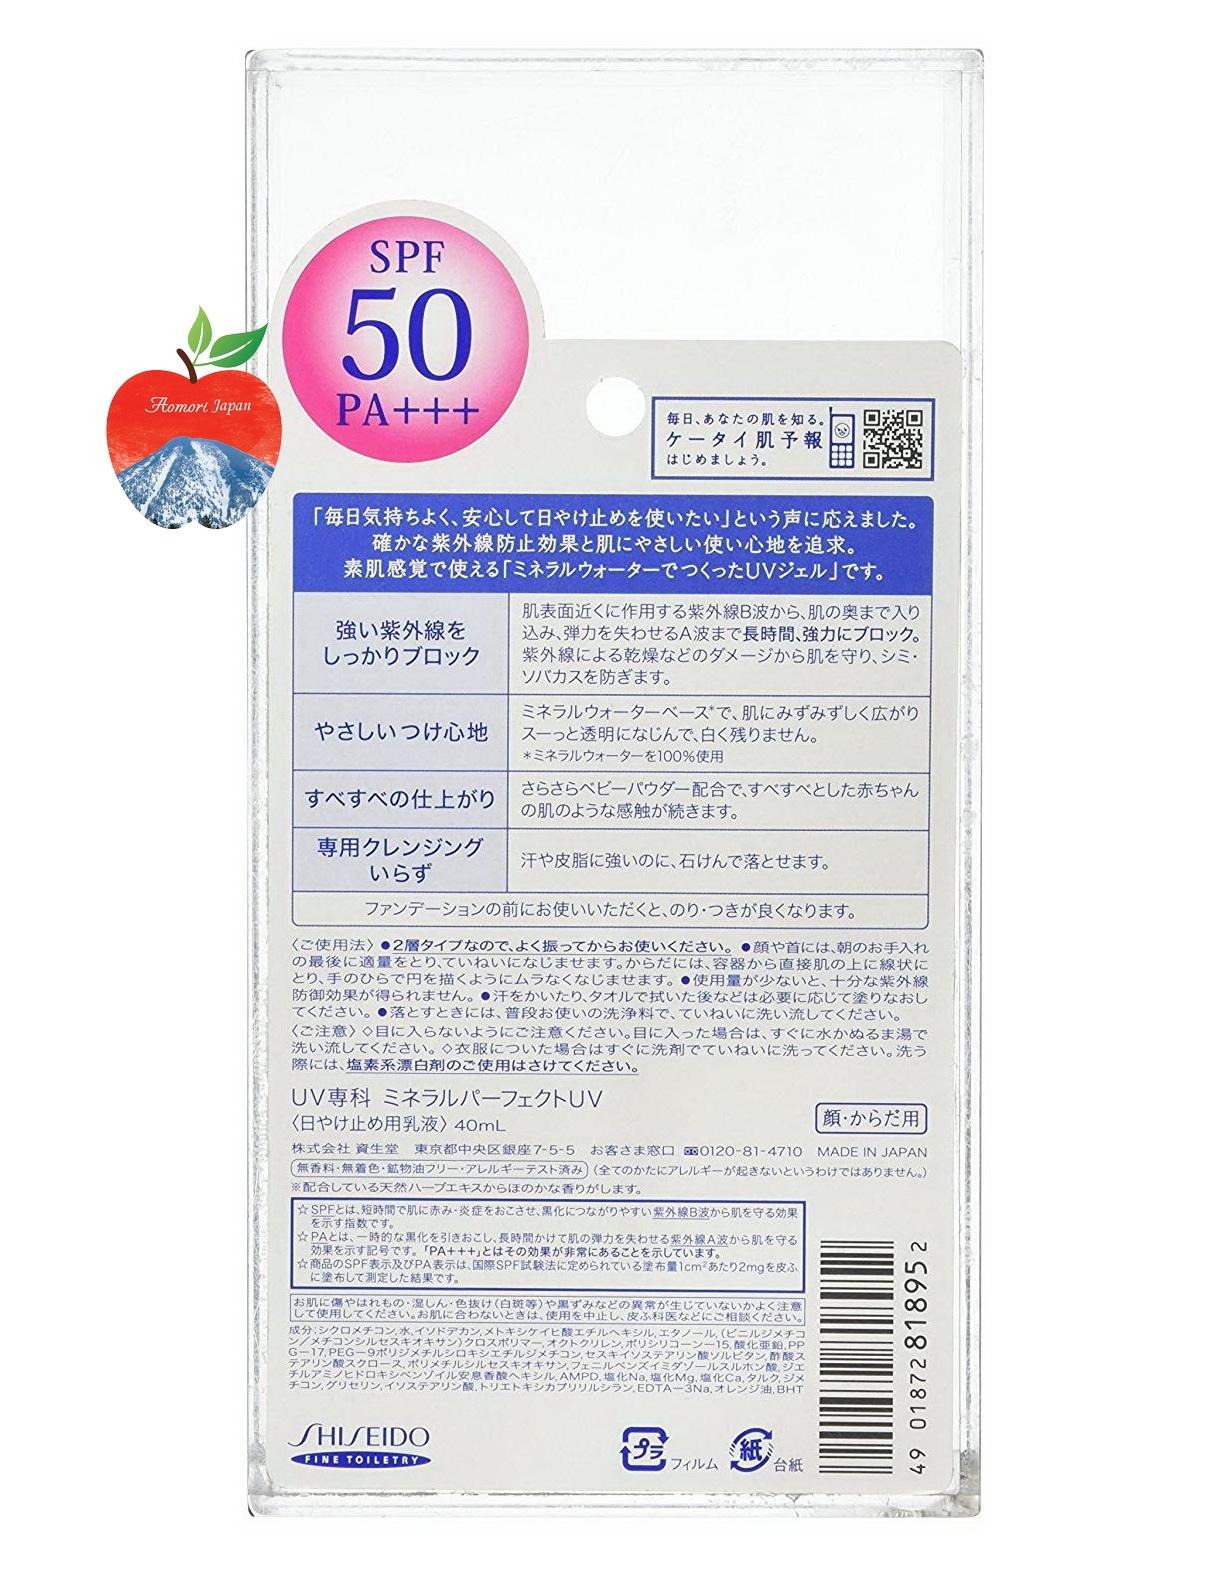 KEM CHỐNG NẮNG SHISEIDO MINERAL WATER SENKA SPF 50/PA+++40ML NHẬT BẢN HÀNG CHÍNH HÃNG